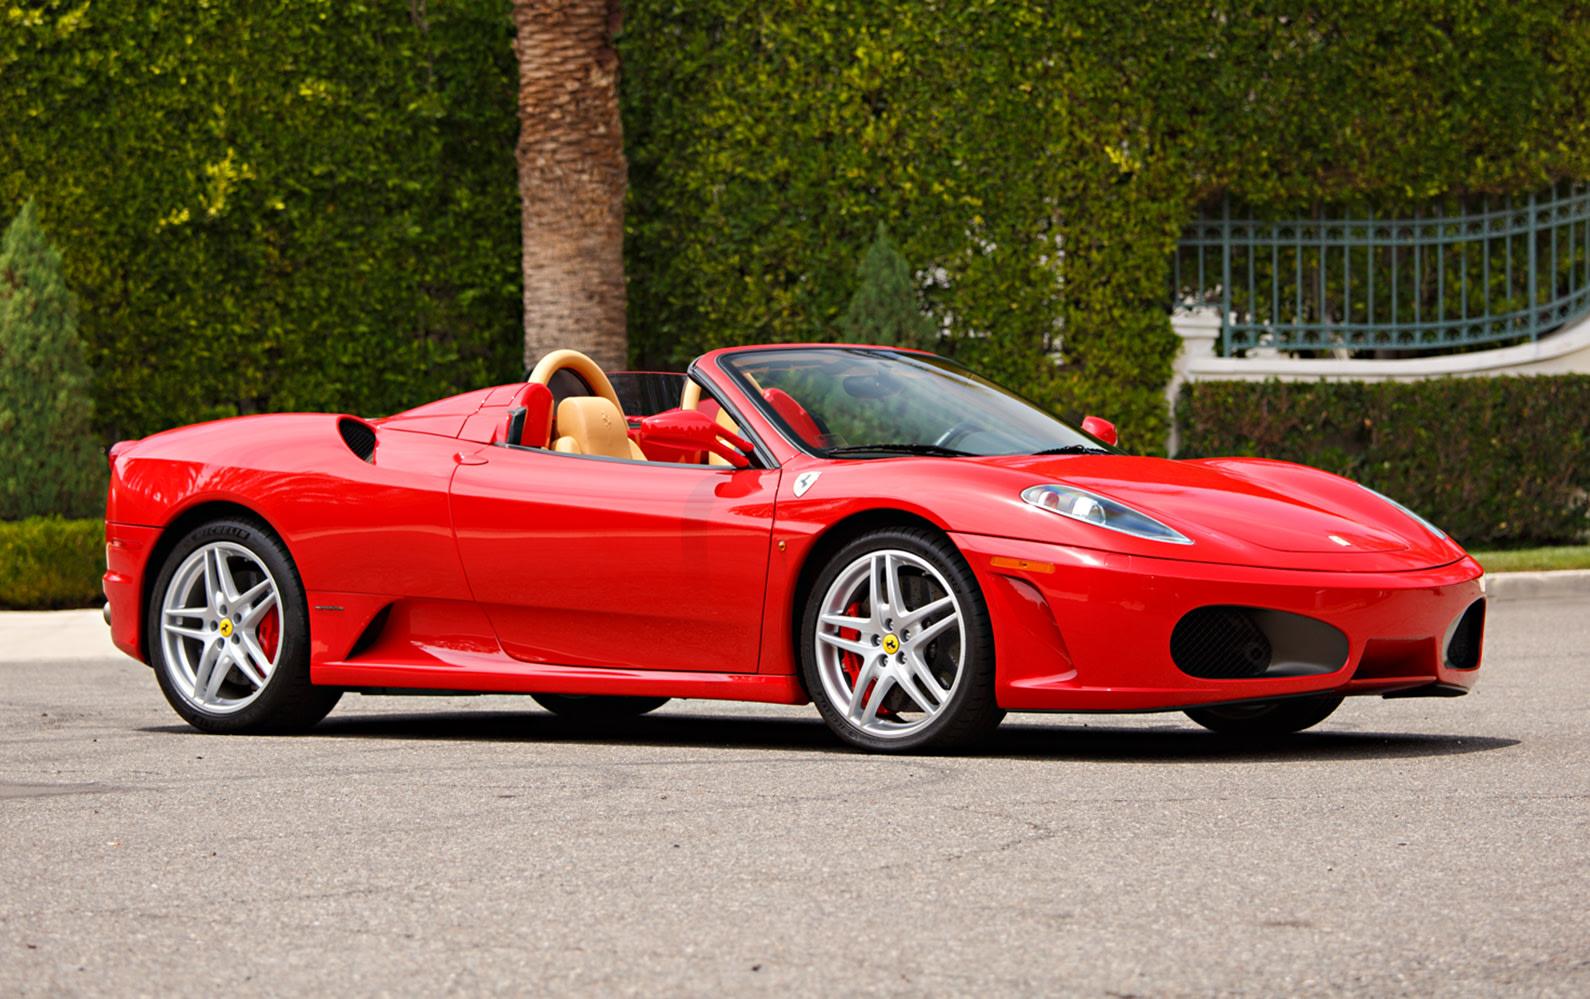 2008 Ferrari F430 Spider